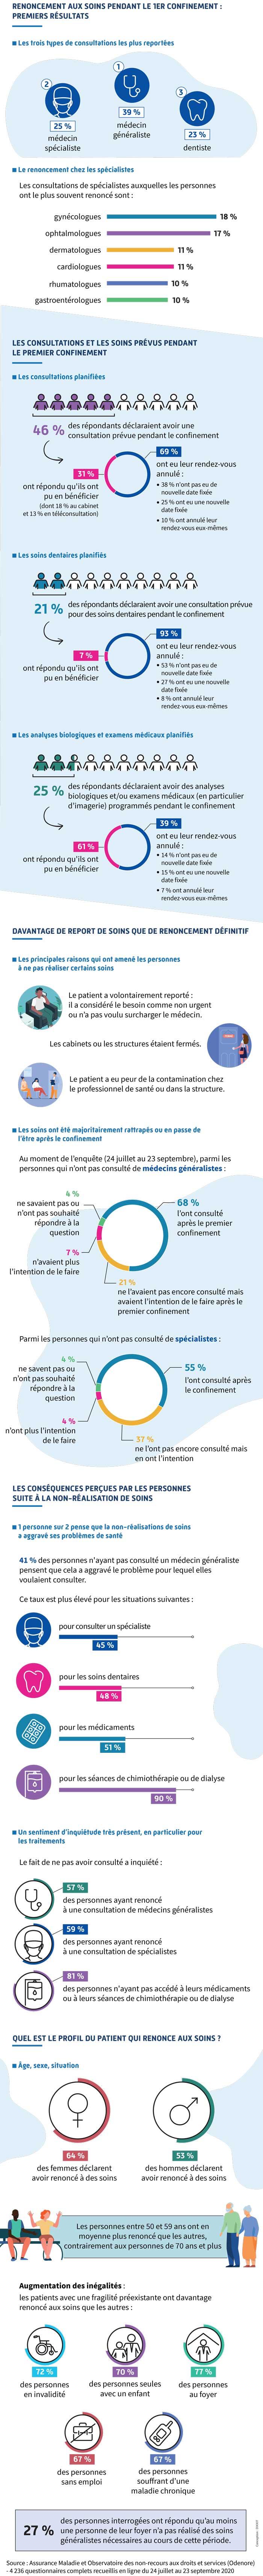 Infographie présentant les résultats d'une étude sur le renoncement aux soins (description complèete ci-après)